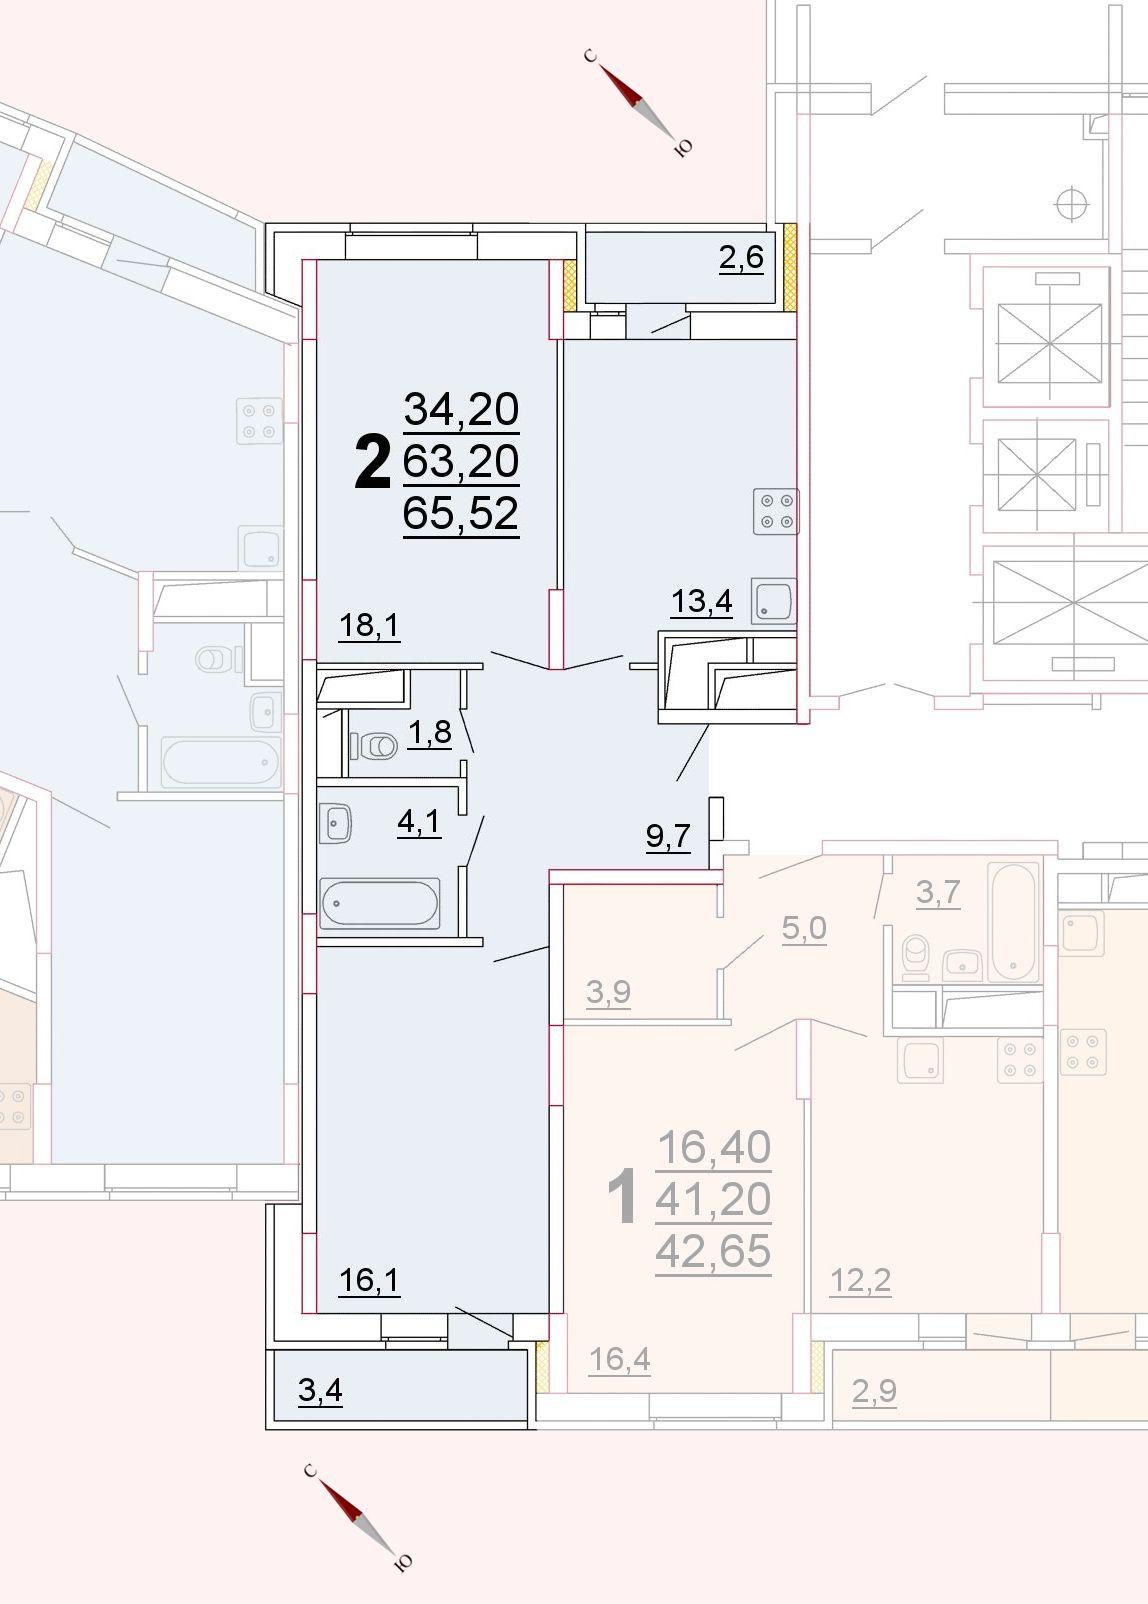 Микрорайон «Центральный», корпус 52г, секция 2, квартира 65,52 м2